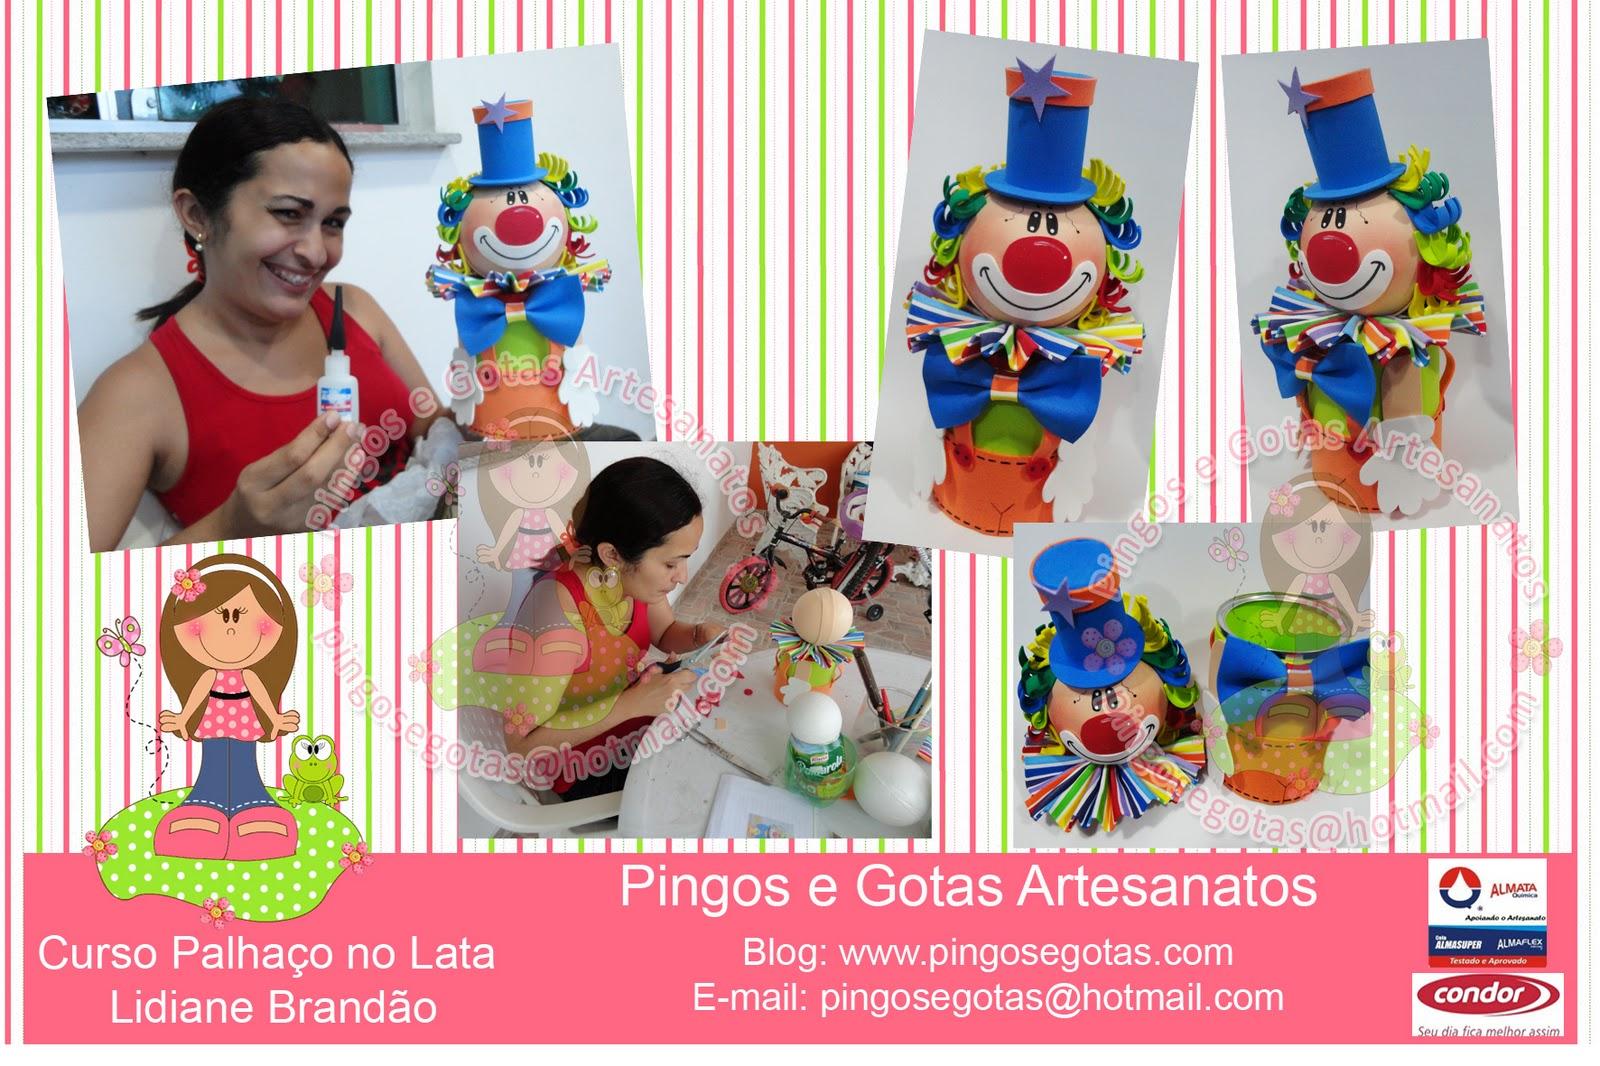 aqui a amiga Elcione Lima, fazendo novamente 2 bonecas, dessa vez a